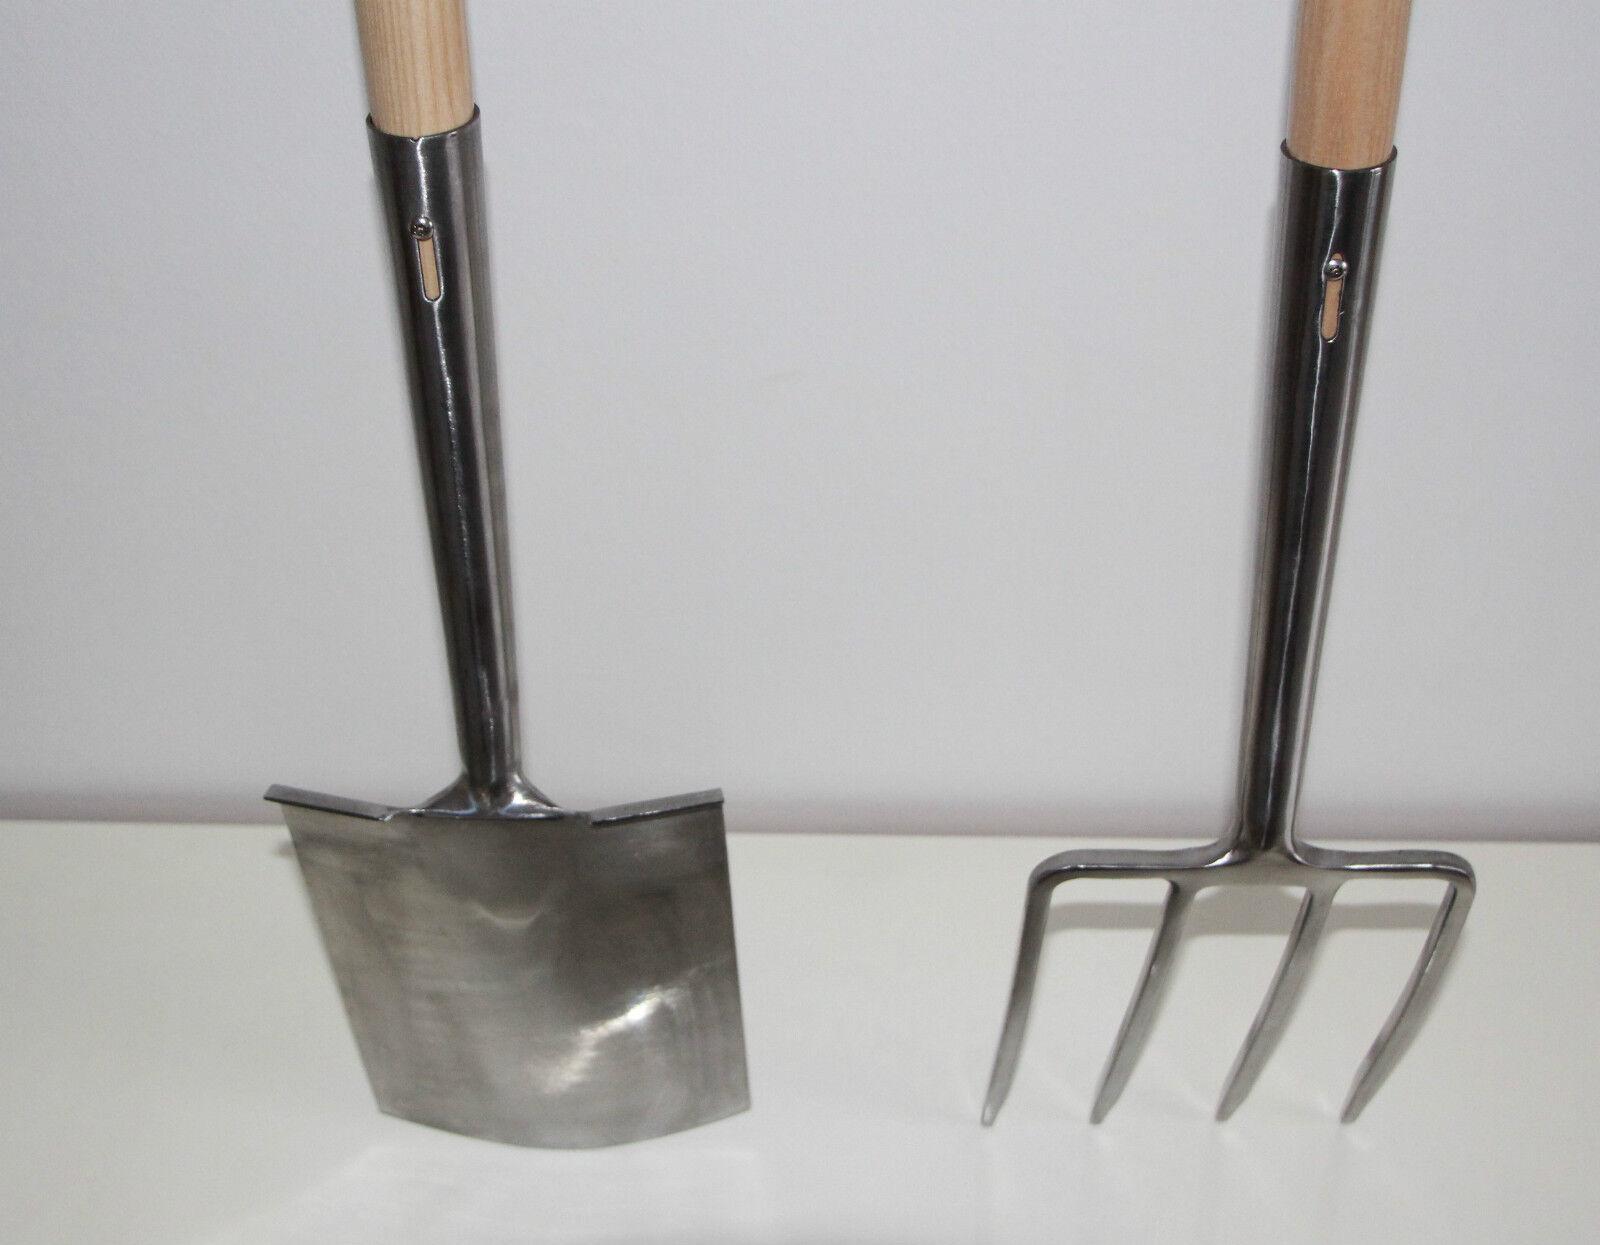 3er Set Spatenstiel Grabegabel Spatengabel Stiel Holzstiel T Griff Garten 90 cm